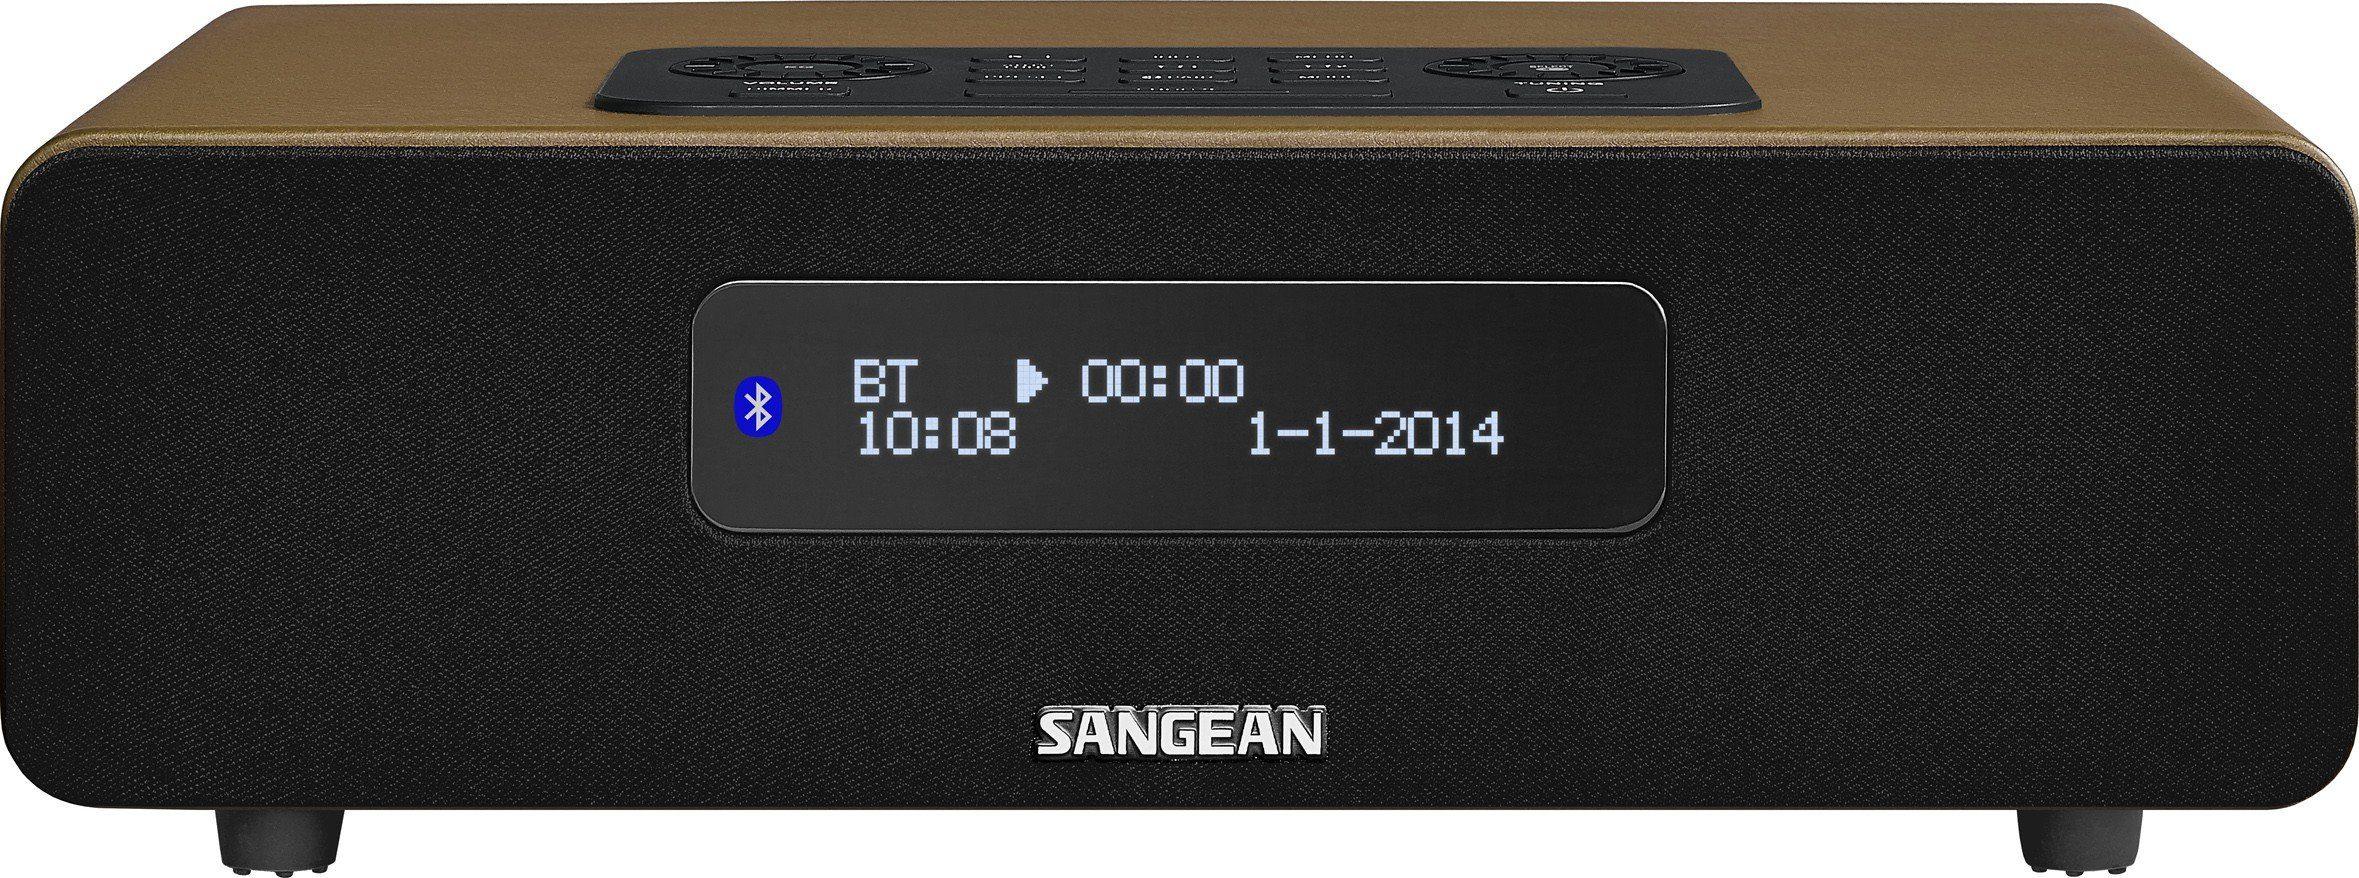 Sangean digitales Tischradio (DAB+/UKW, Bluetooth, Dual-Alarm, AUX-In) »DDR-36 braun«